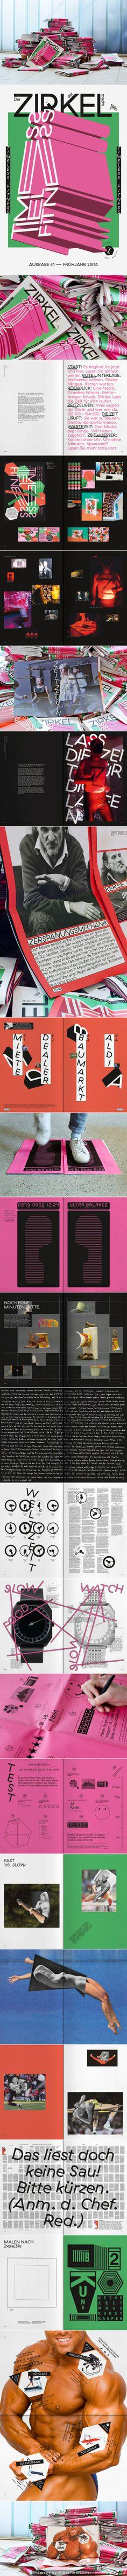 Der Zirkel, der macht Magazin Ausgabe #1 Frühjahr 2014 - Marcel Häusler Grafik